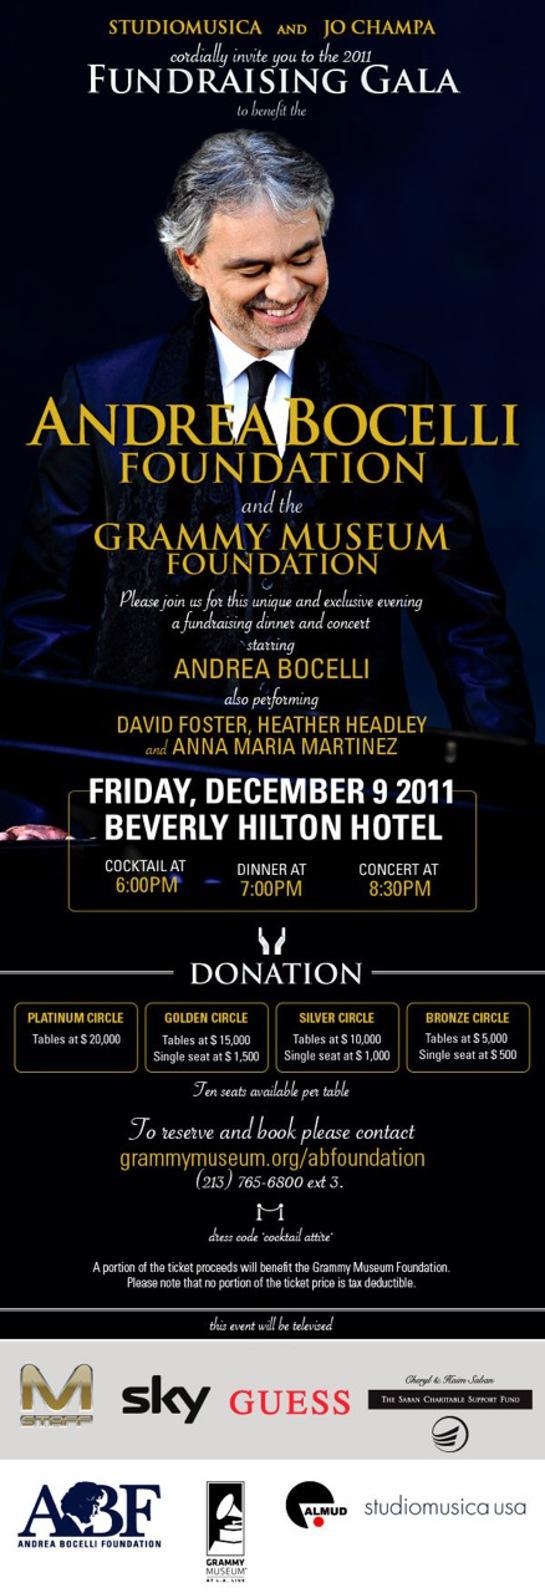 Andrea Bocelli Foundation Launch